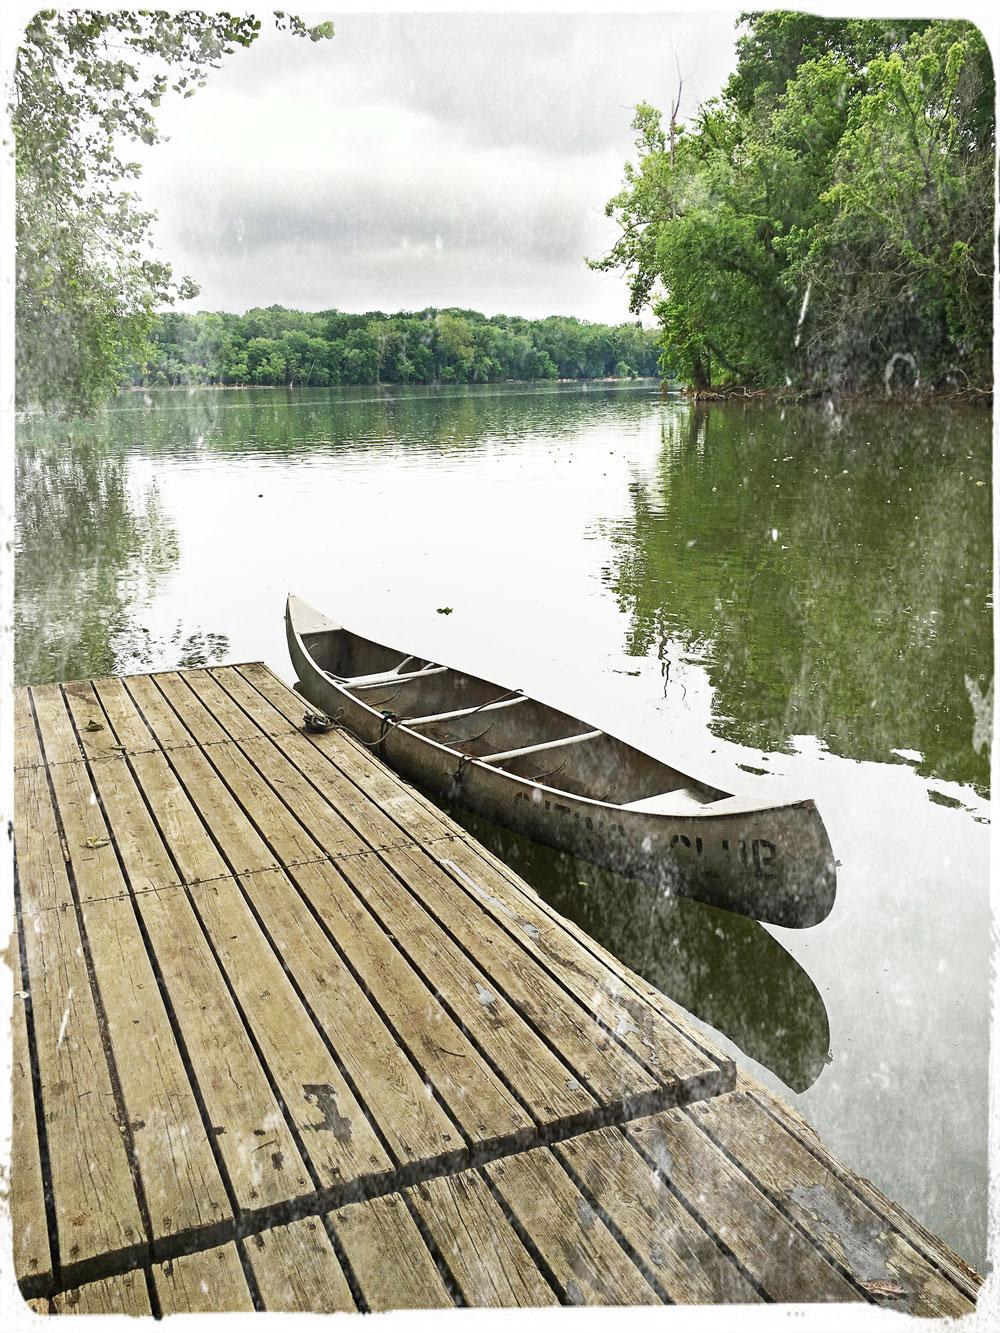 Potomac River, VA